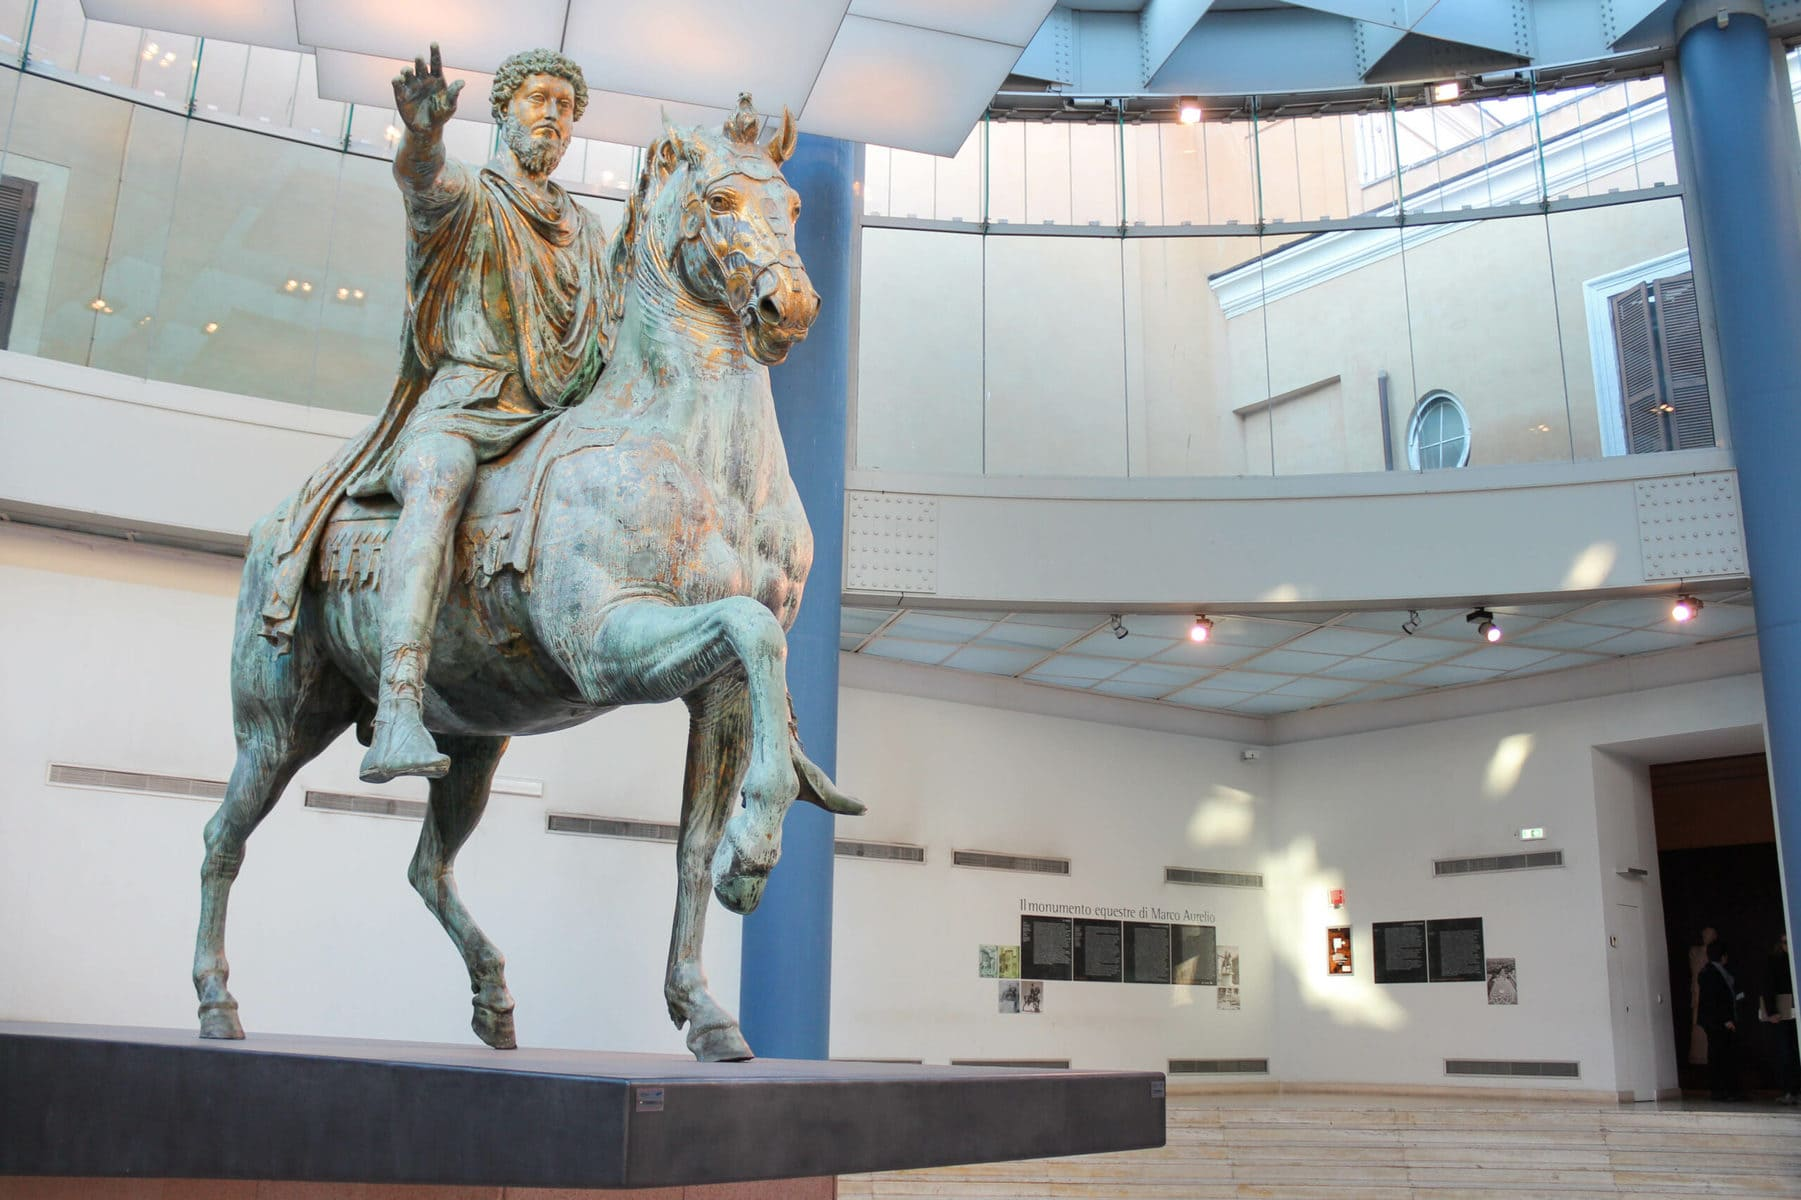 Statue des Marc Aurel, Kapitolinische Museen, Rom